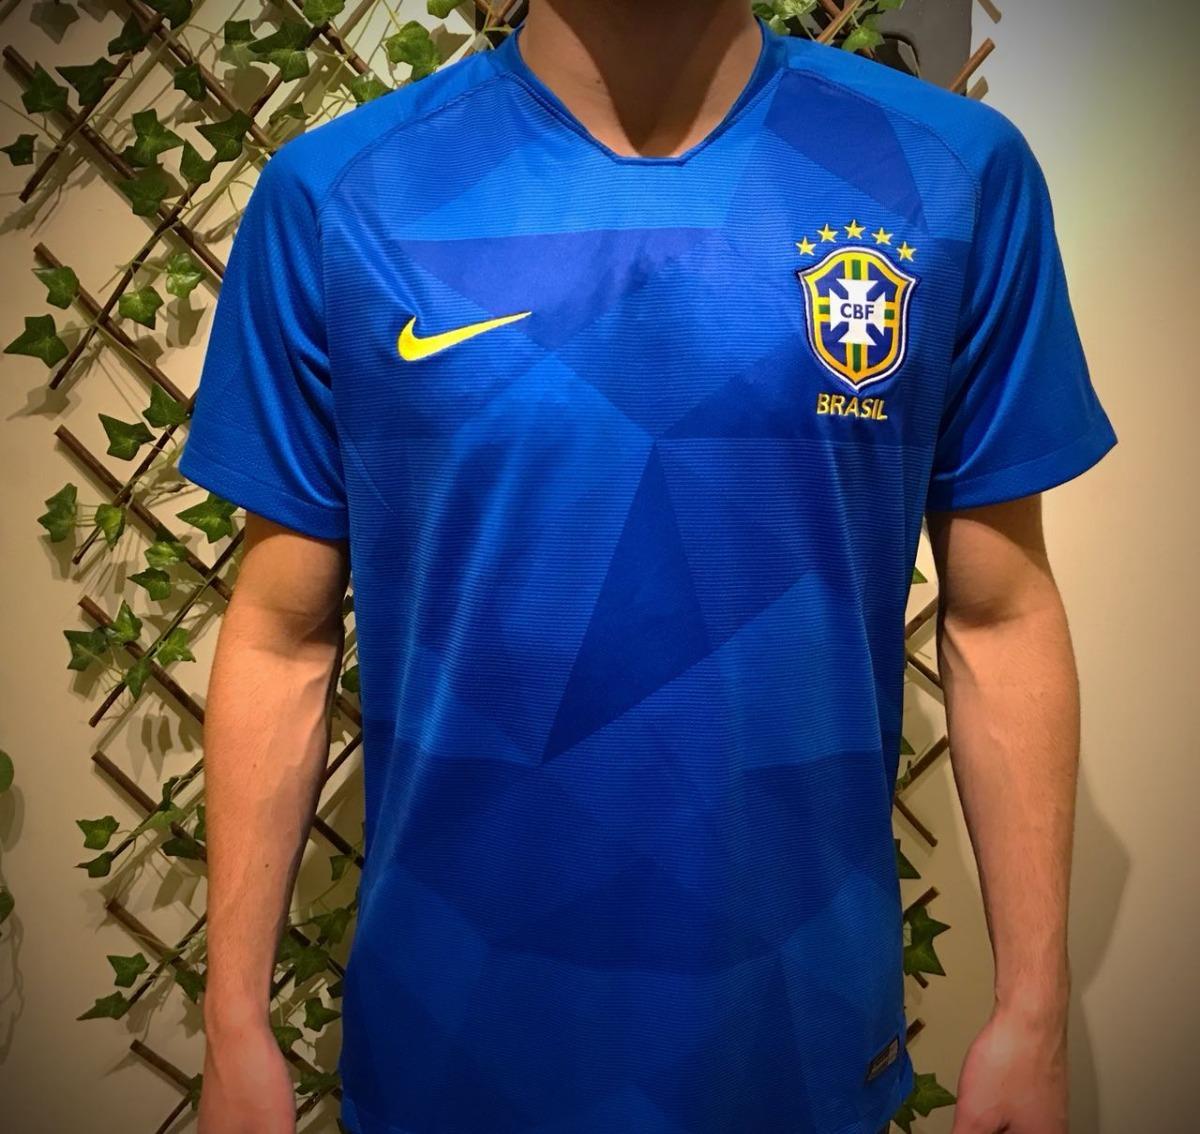 nova il camisa da seleção brasileira brasil mundial 2018. Carregando zoom. 79e3bd0e033e4